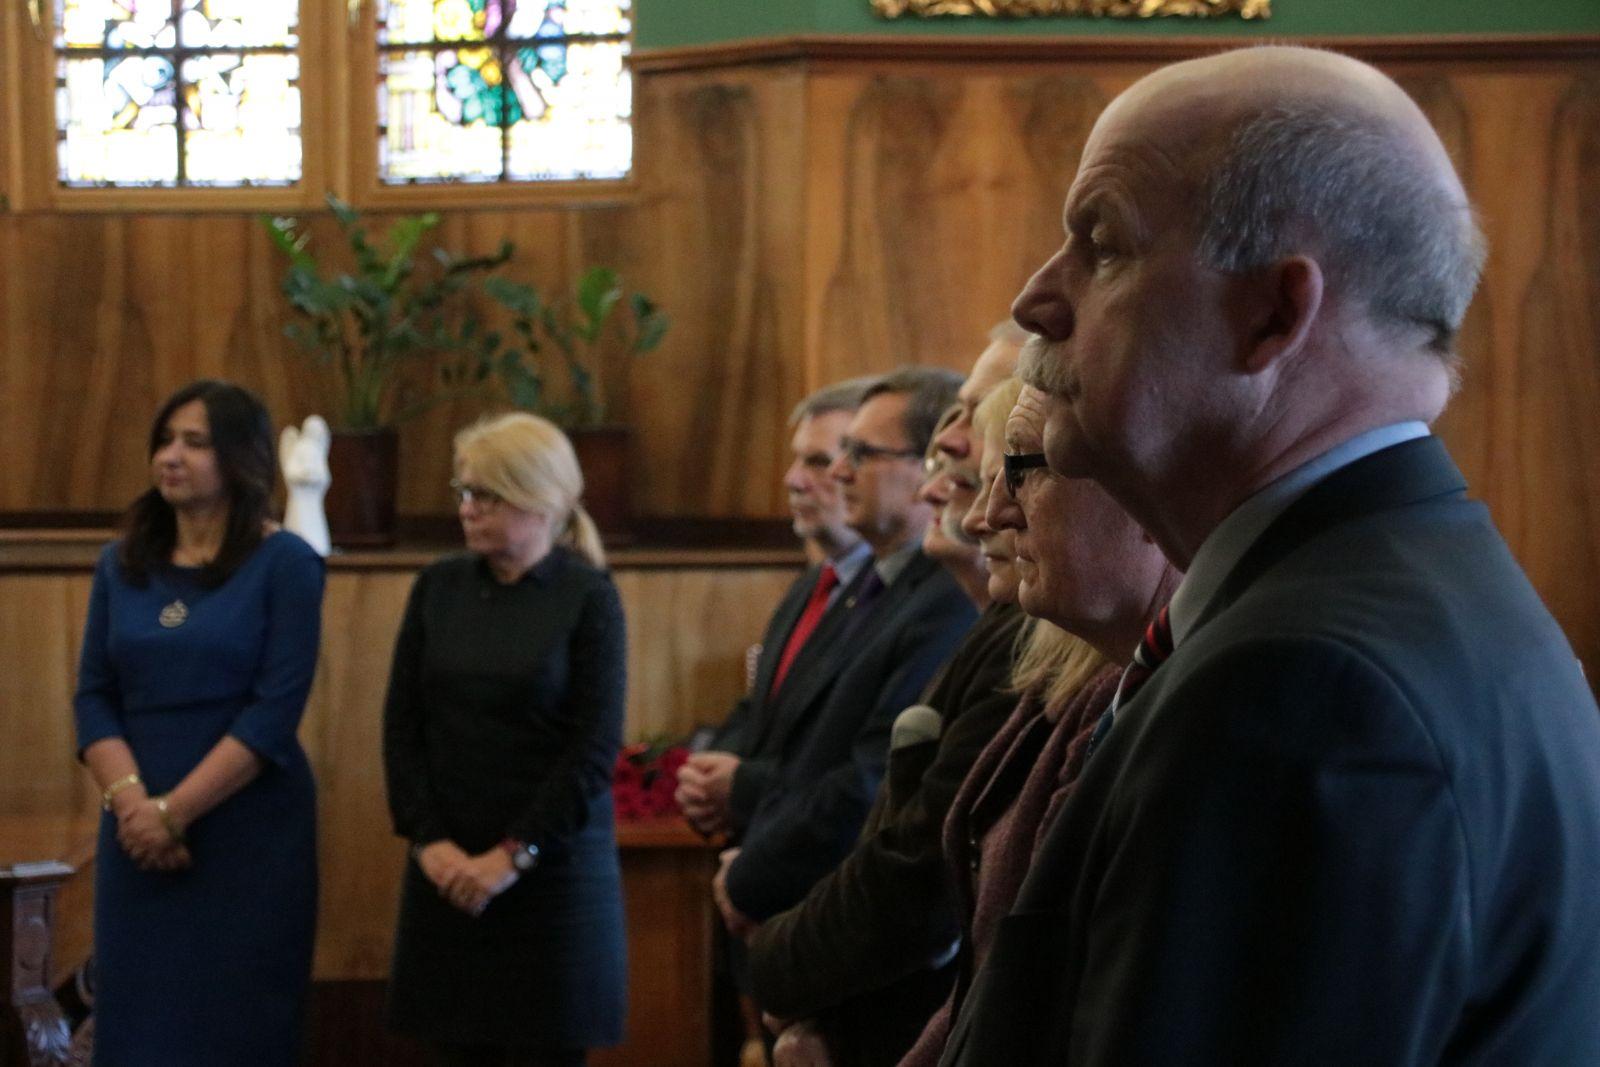 Grono rektorskie podczas uroczystości wręczenia medalu Alumno Bene Merenti